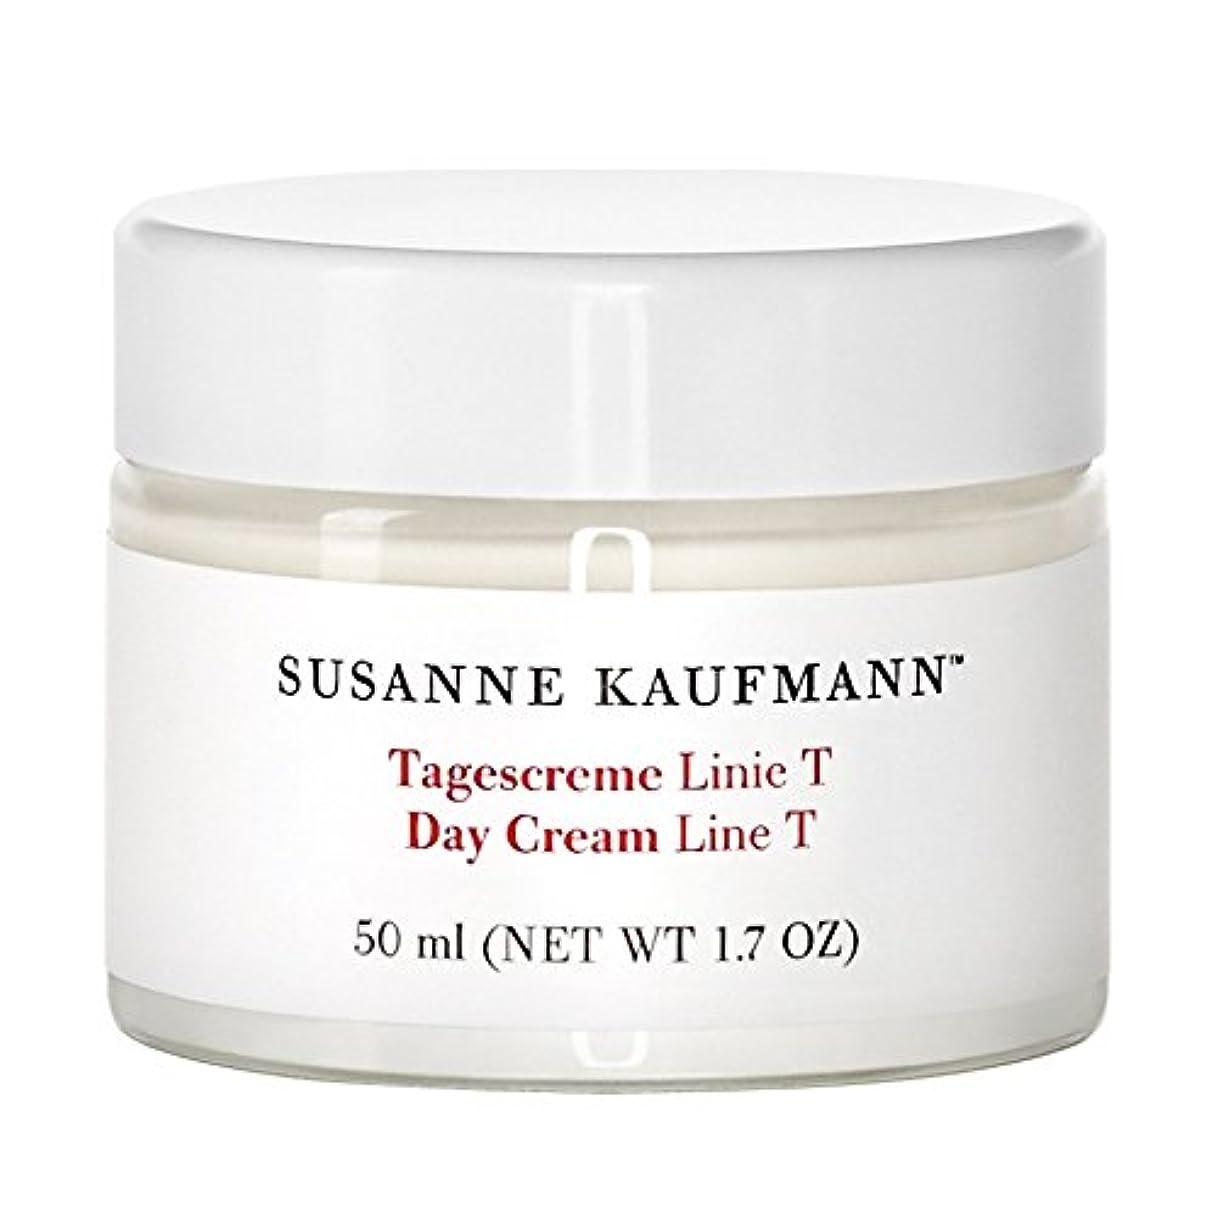 パトワ明日また明日ねSusanne Kaufmann Day Cream Line T 50ml - スザンヌカウフマン日クリームライントンの50ミリリットル [並行輸入品]